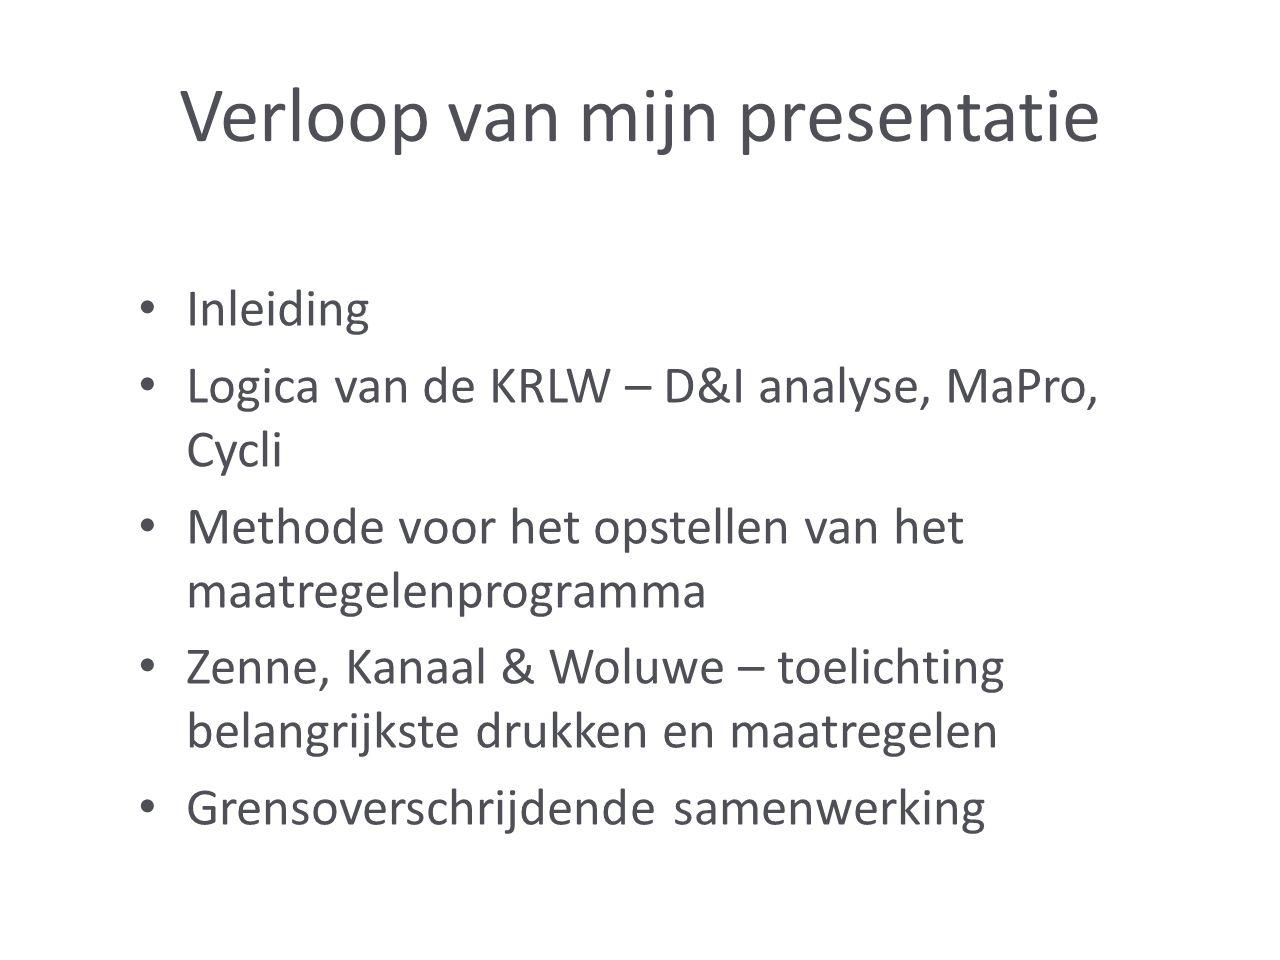 Verloop van mijn presentatie Inleiding Logica van de KRLW – D&I analyse, MaPro, Cycli Methode voor het opstellen van het maatregelenprogramma Zenne, Kanaal & Woluwe – toelichting belangrijkste drukken en maatregelen Grensoverschrijdende samenwerking